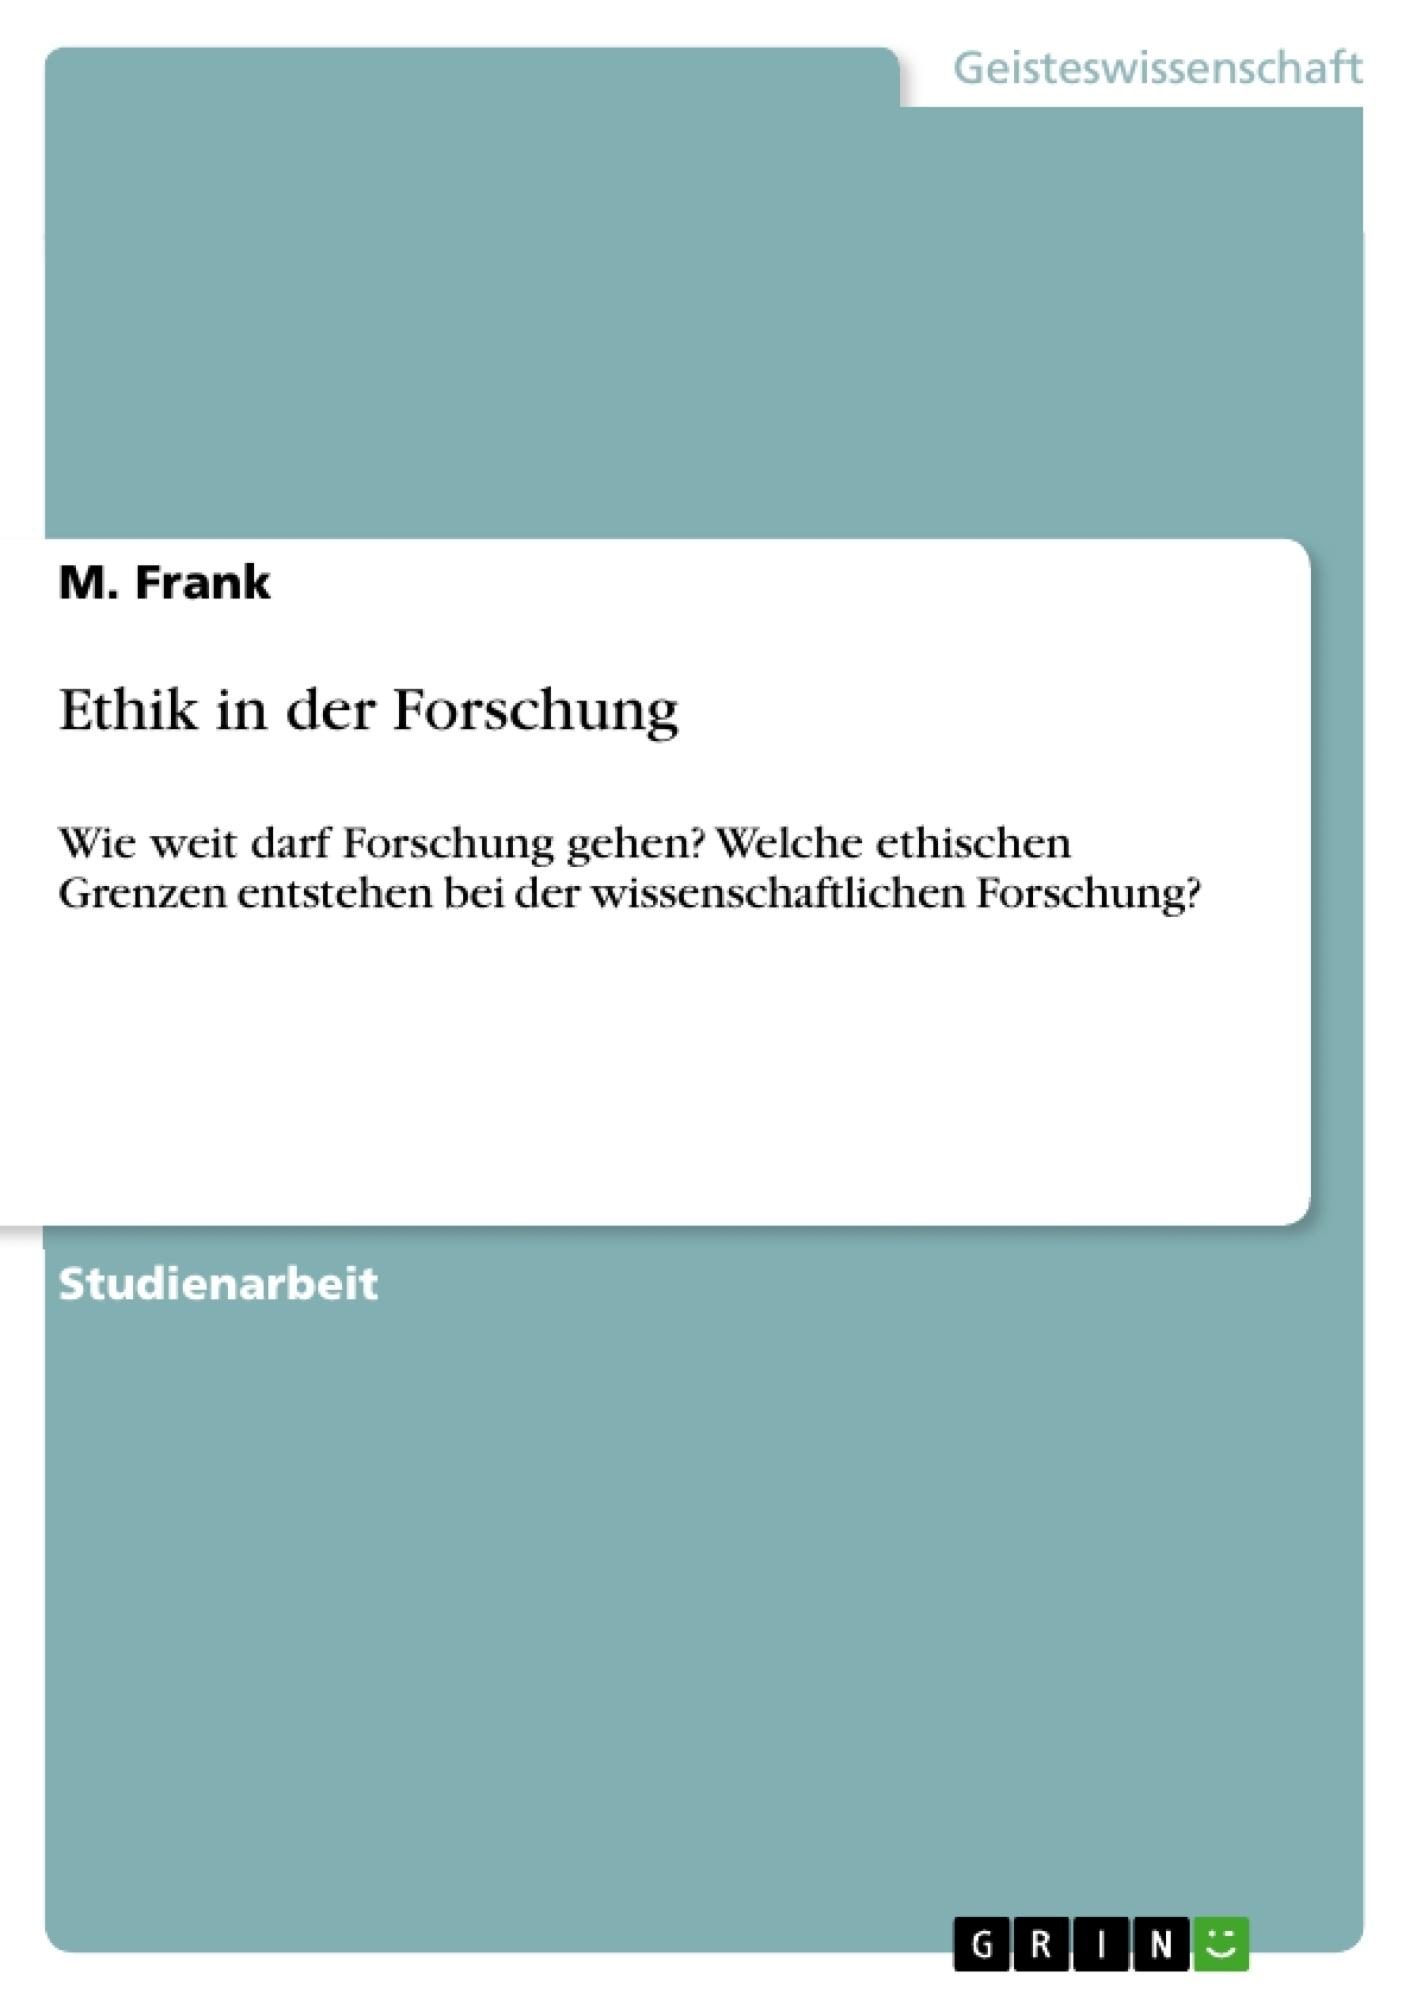 Titel: Ethik in der Forschung